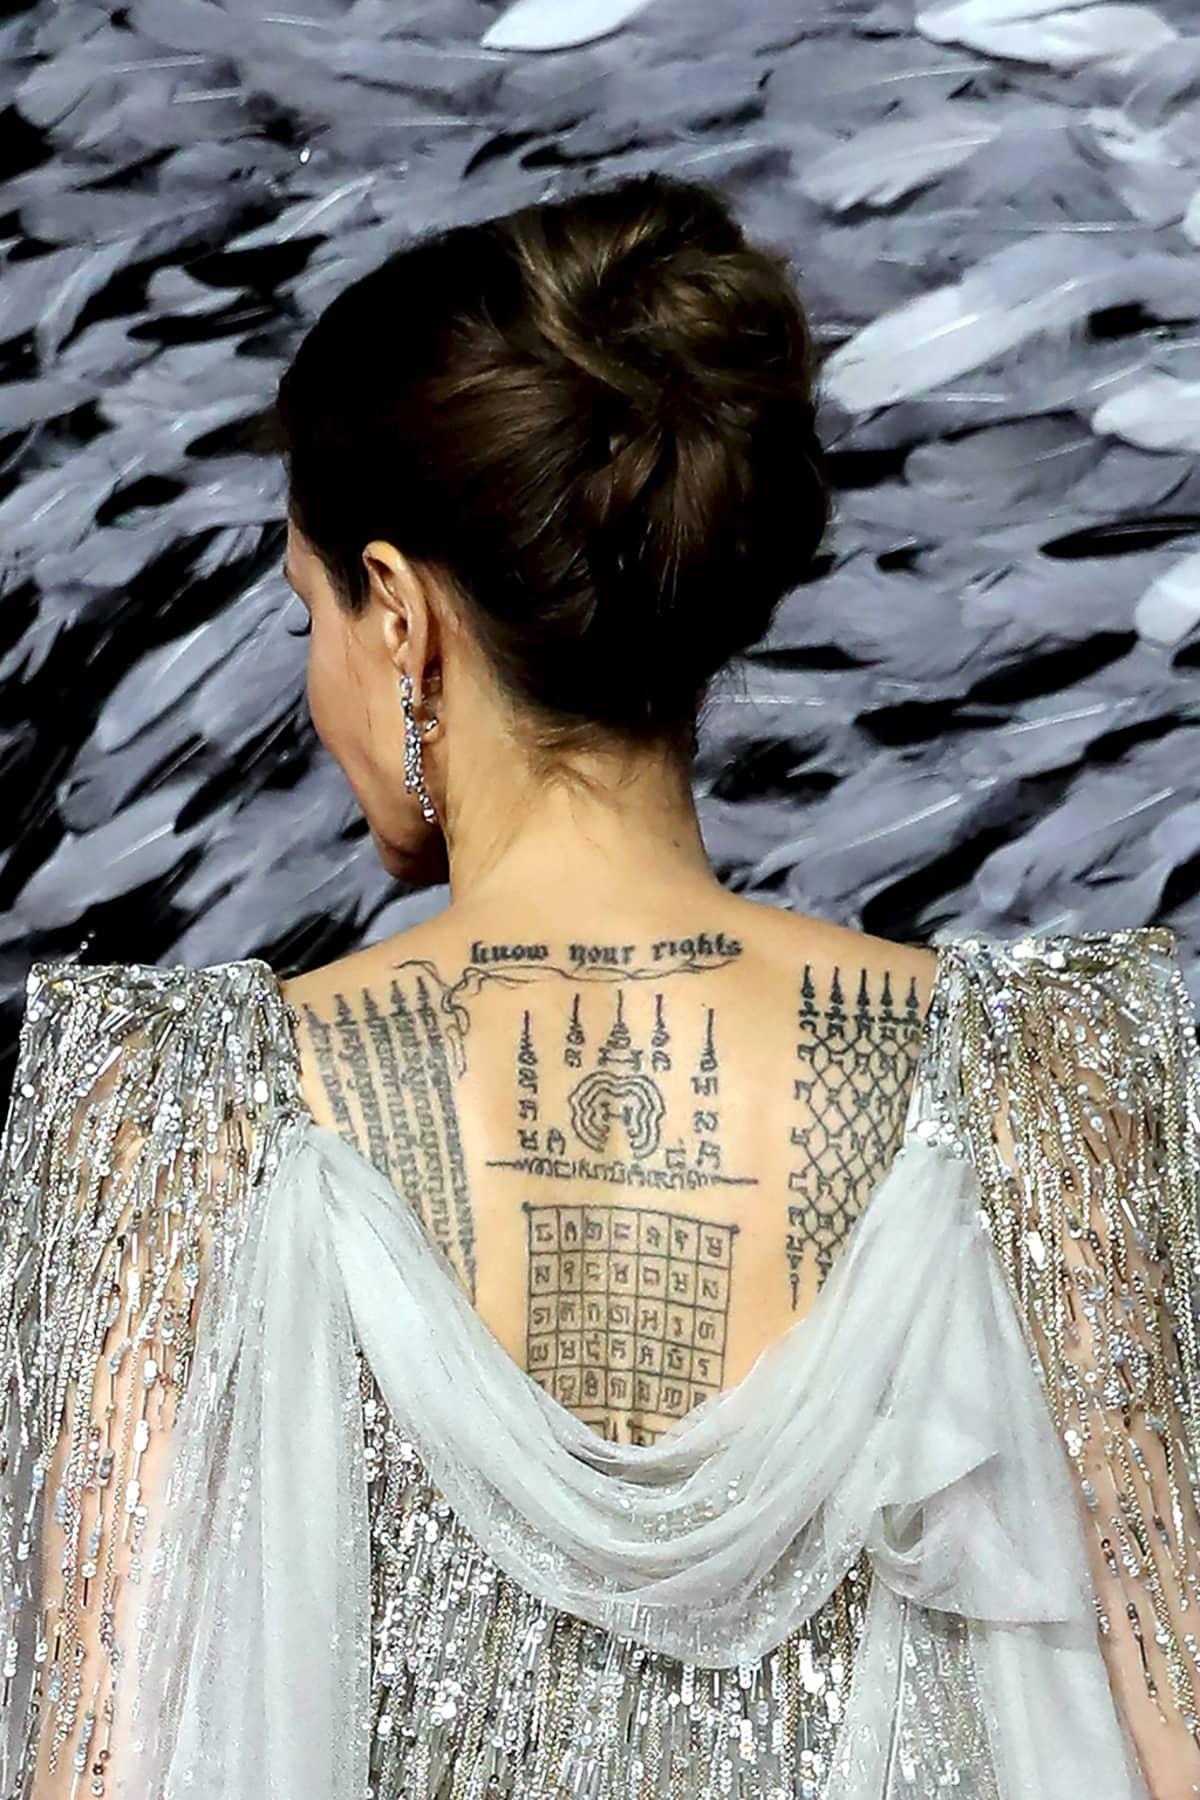 Kuvassa näkyvät Angelina Jolien mystiset tatuoinnit hänen selässään.